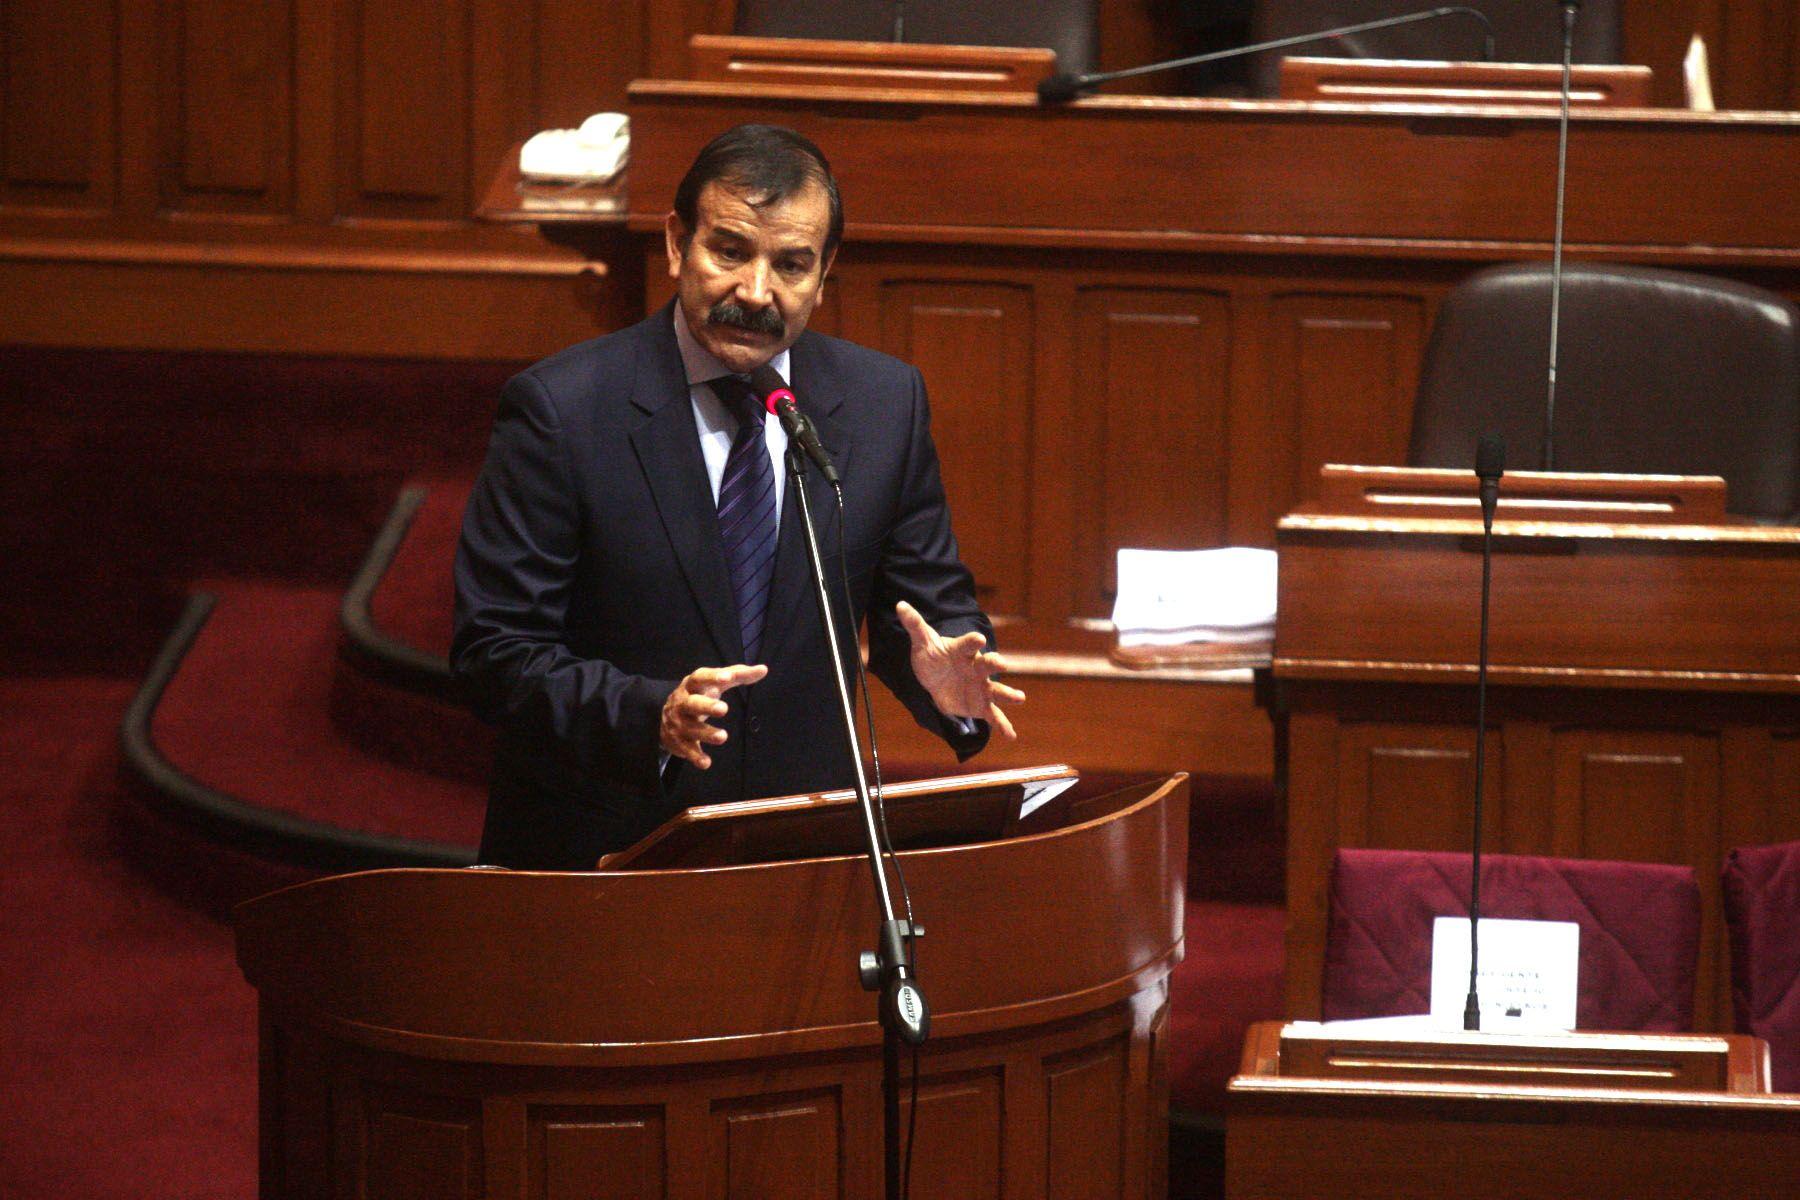 Nuevo ministro del interior asegura continuidad de for Nuevo ministro del interior 2016